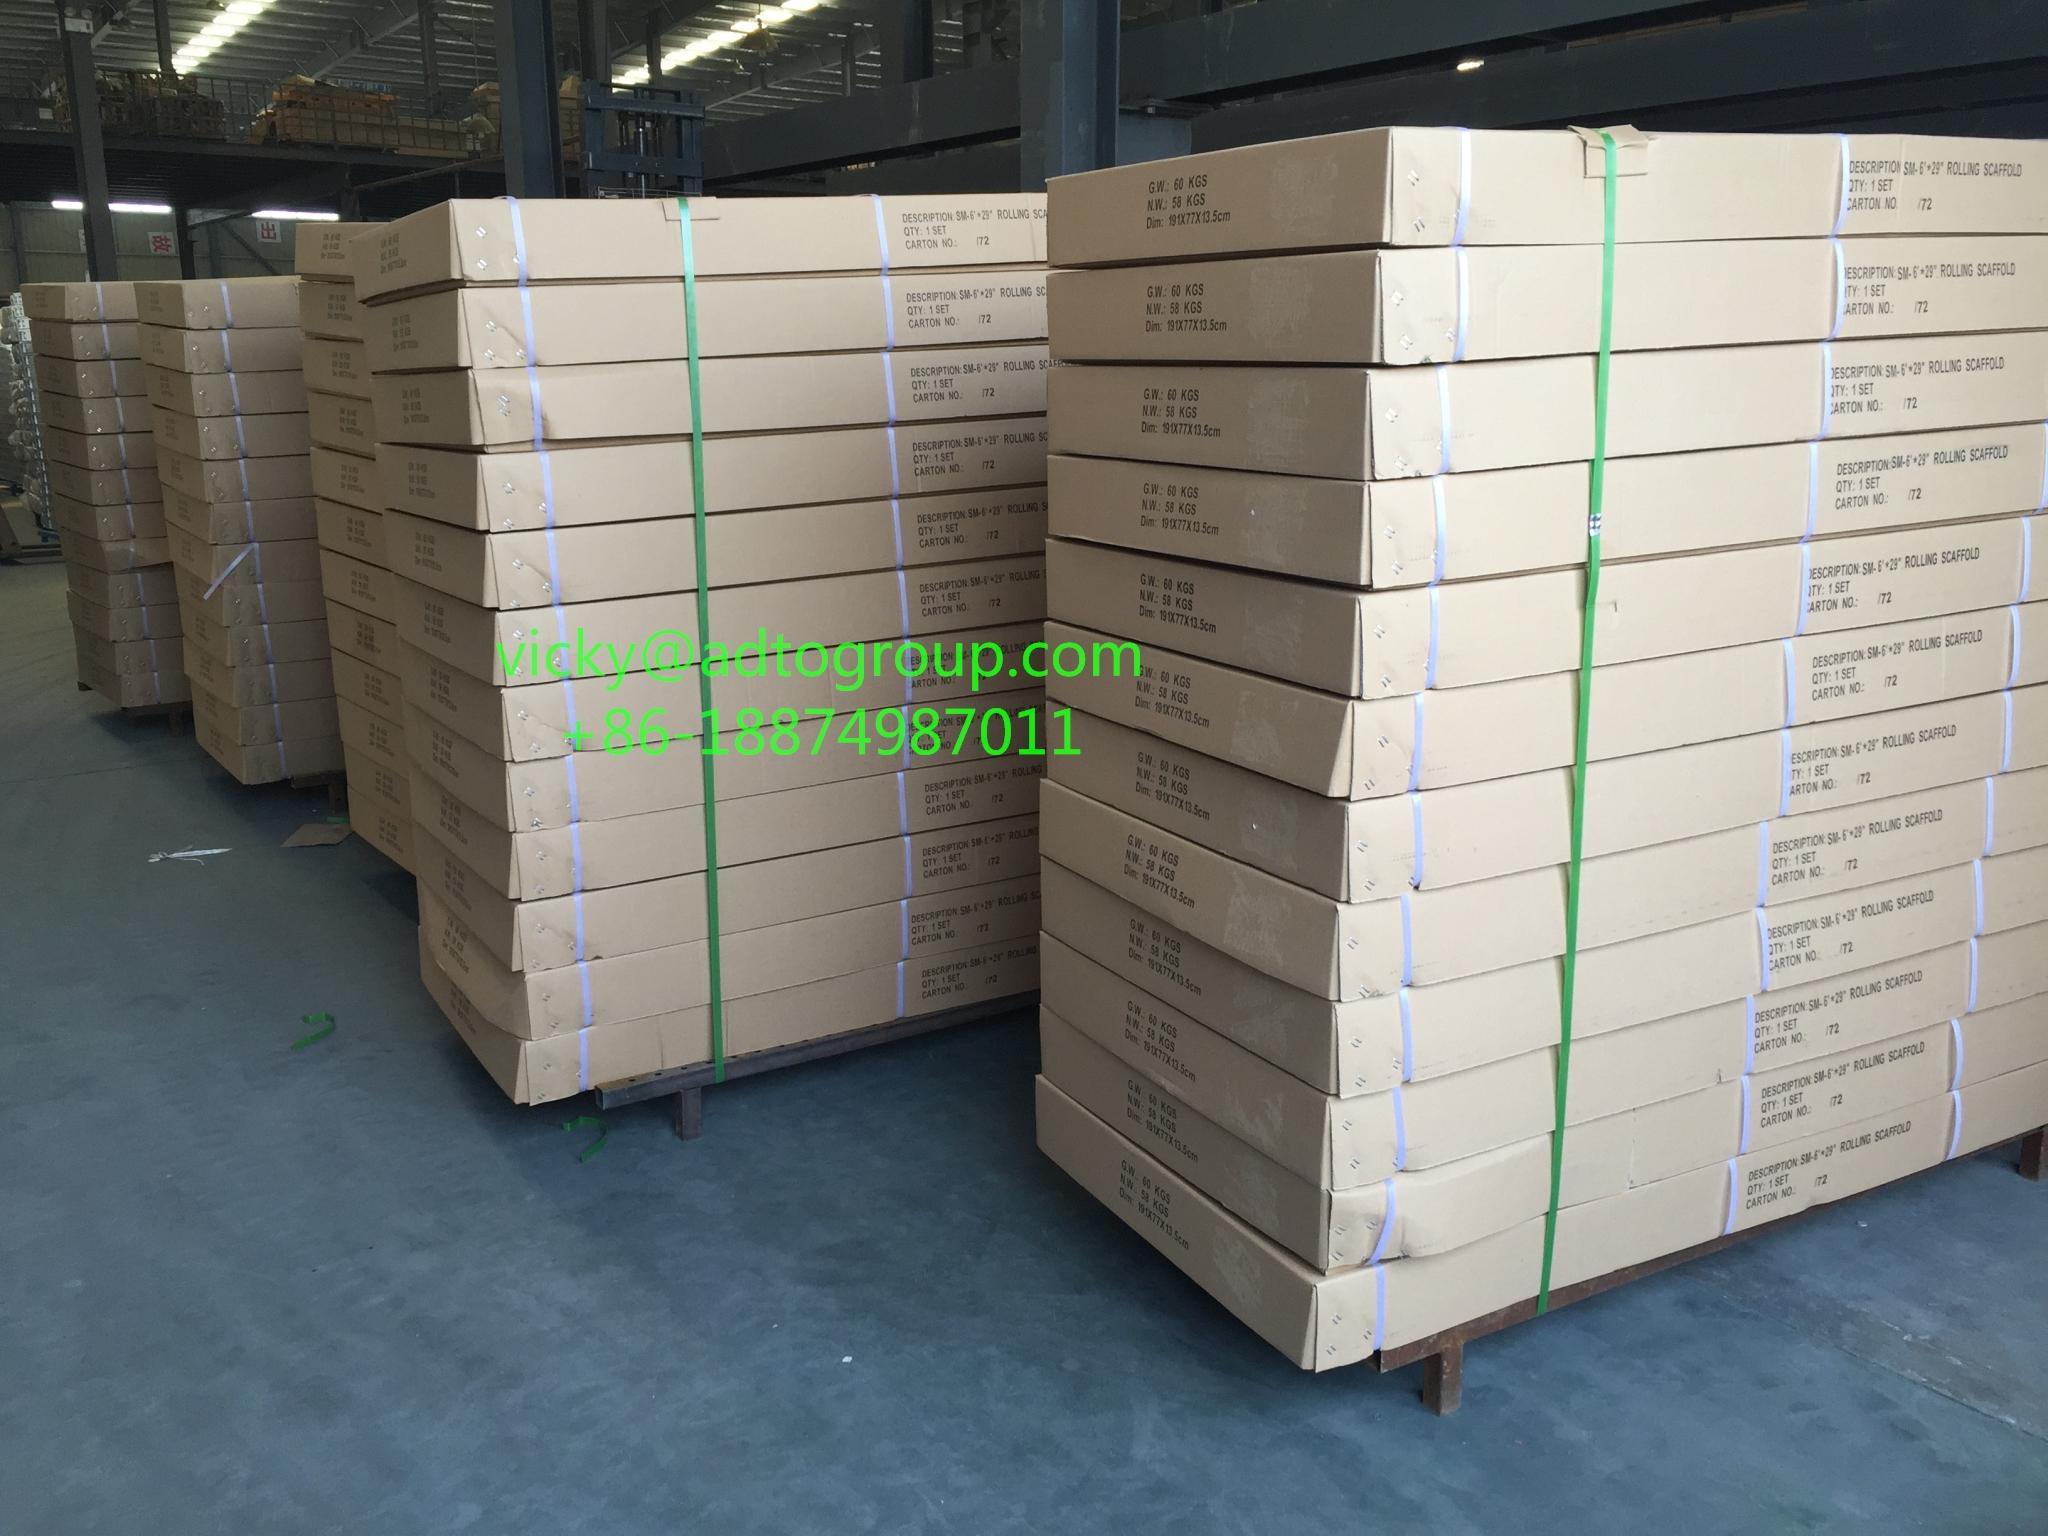 6'Multi-function Scaffold 6' Mobile Scaffold rolling scaffold baker scaffold 3